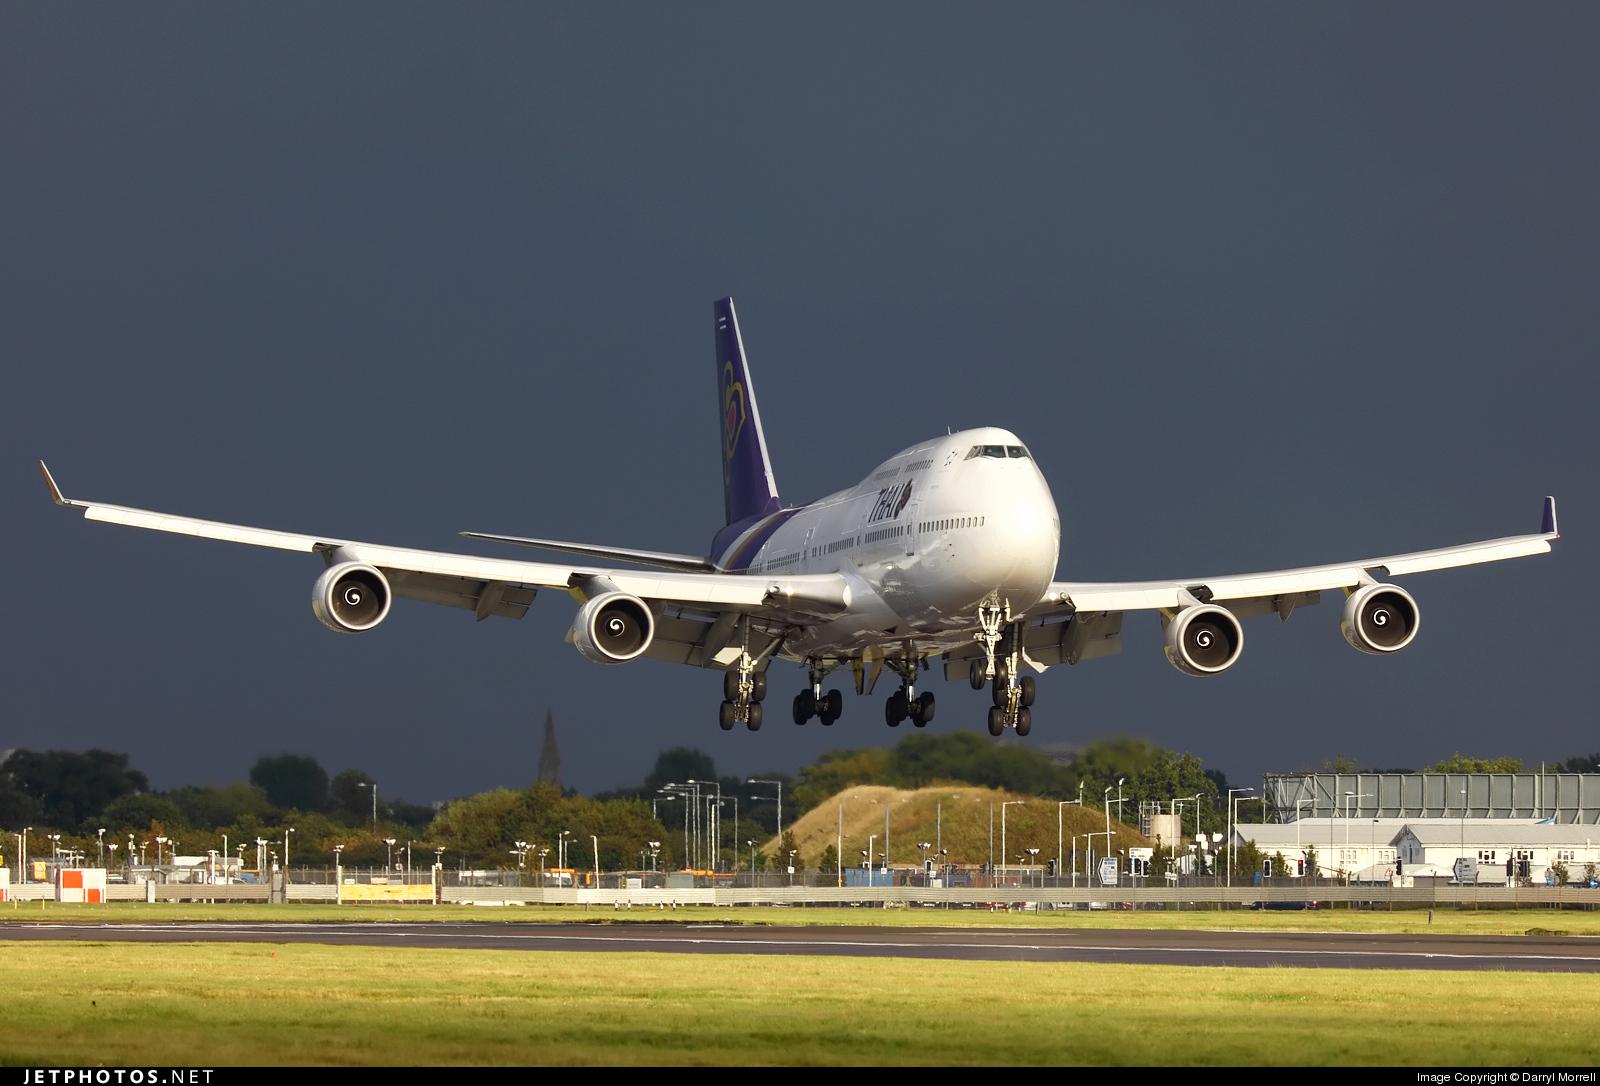 HS-TGK - Boeing 747-4D7 - Thai Airways International